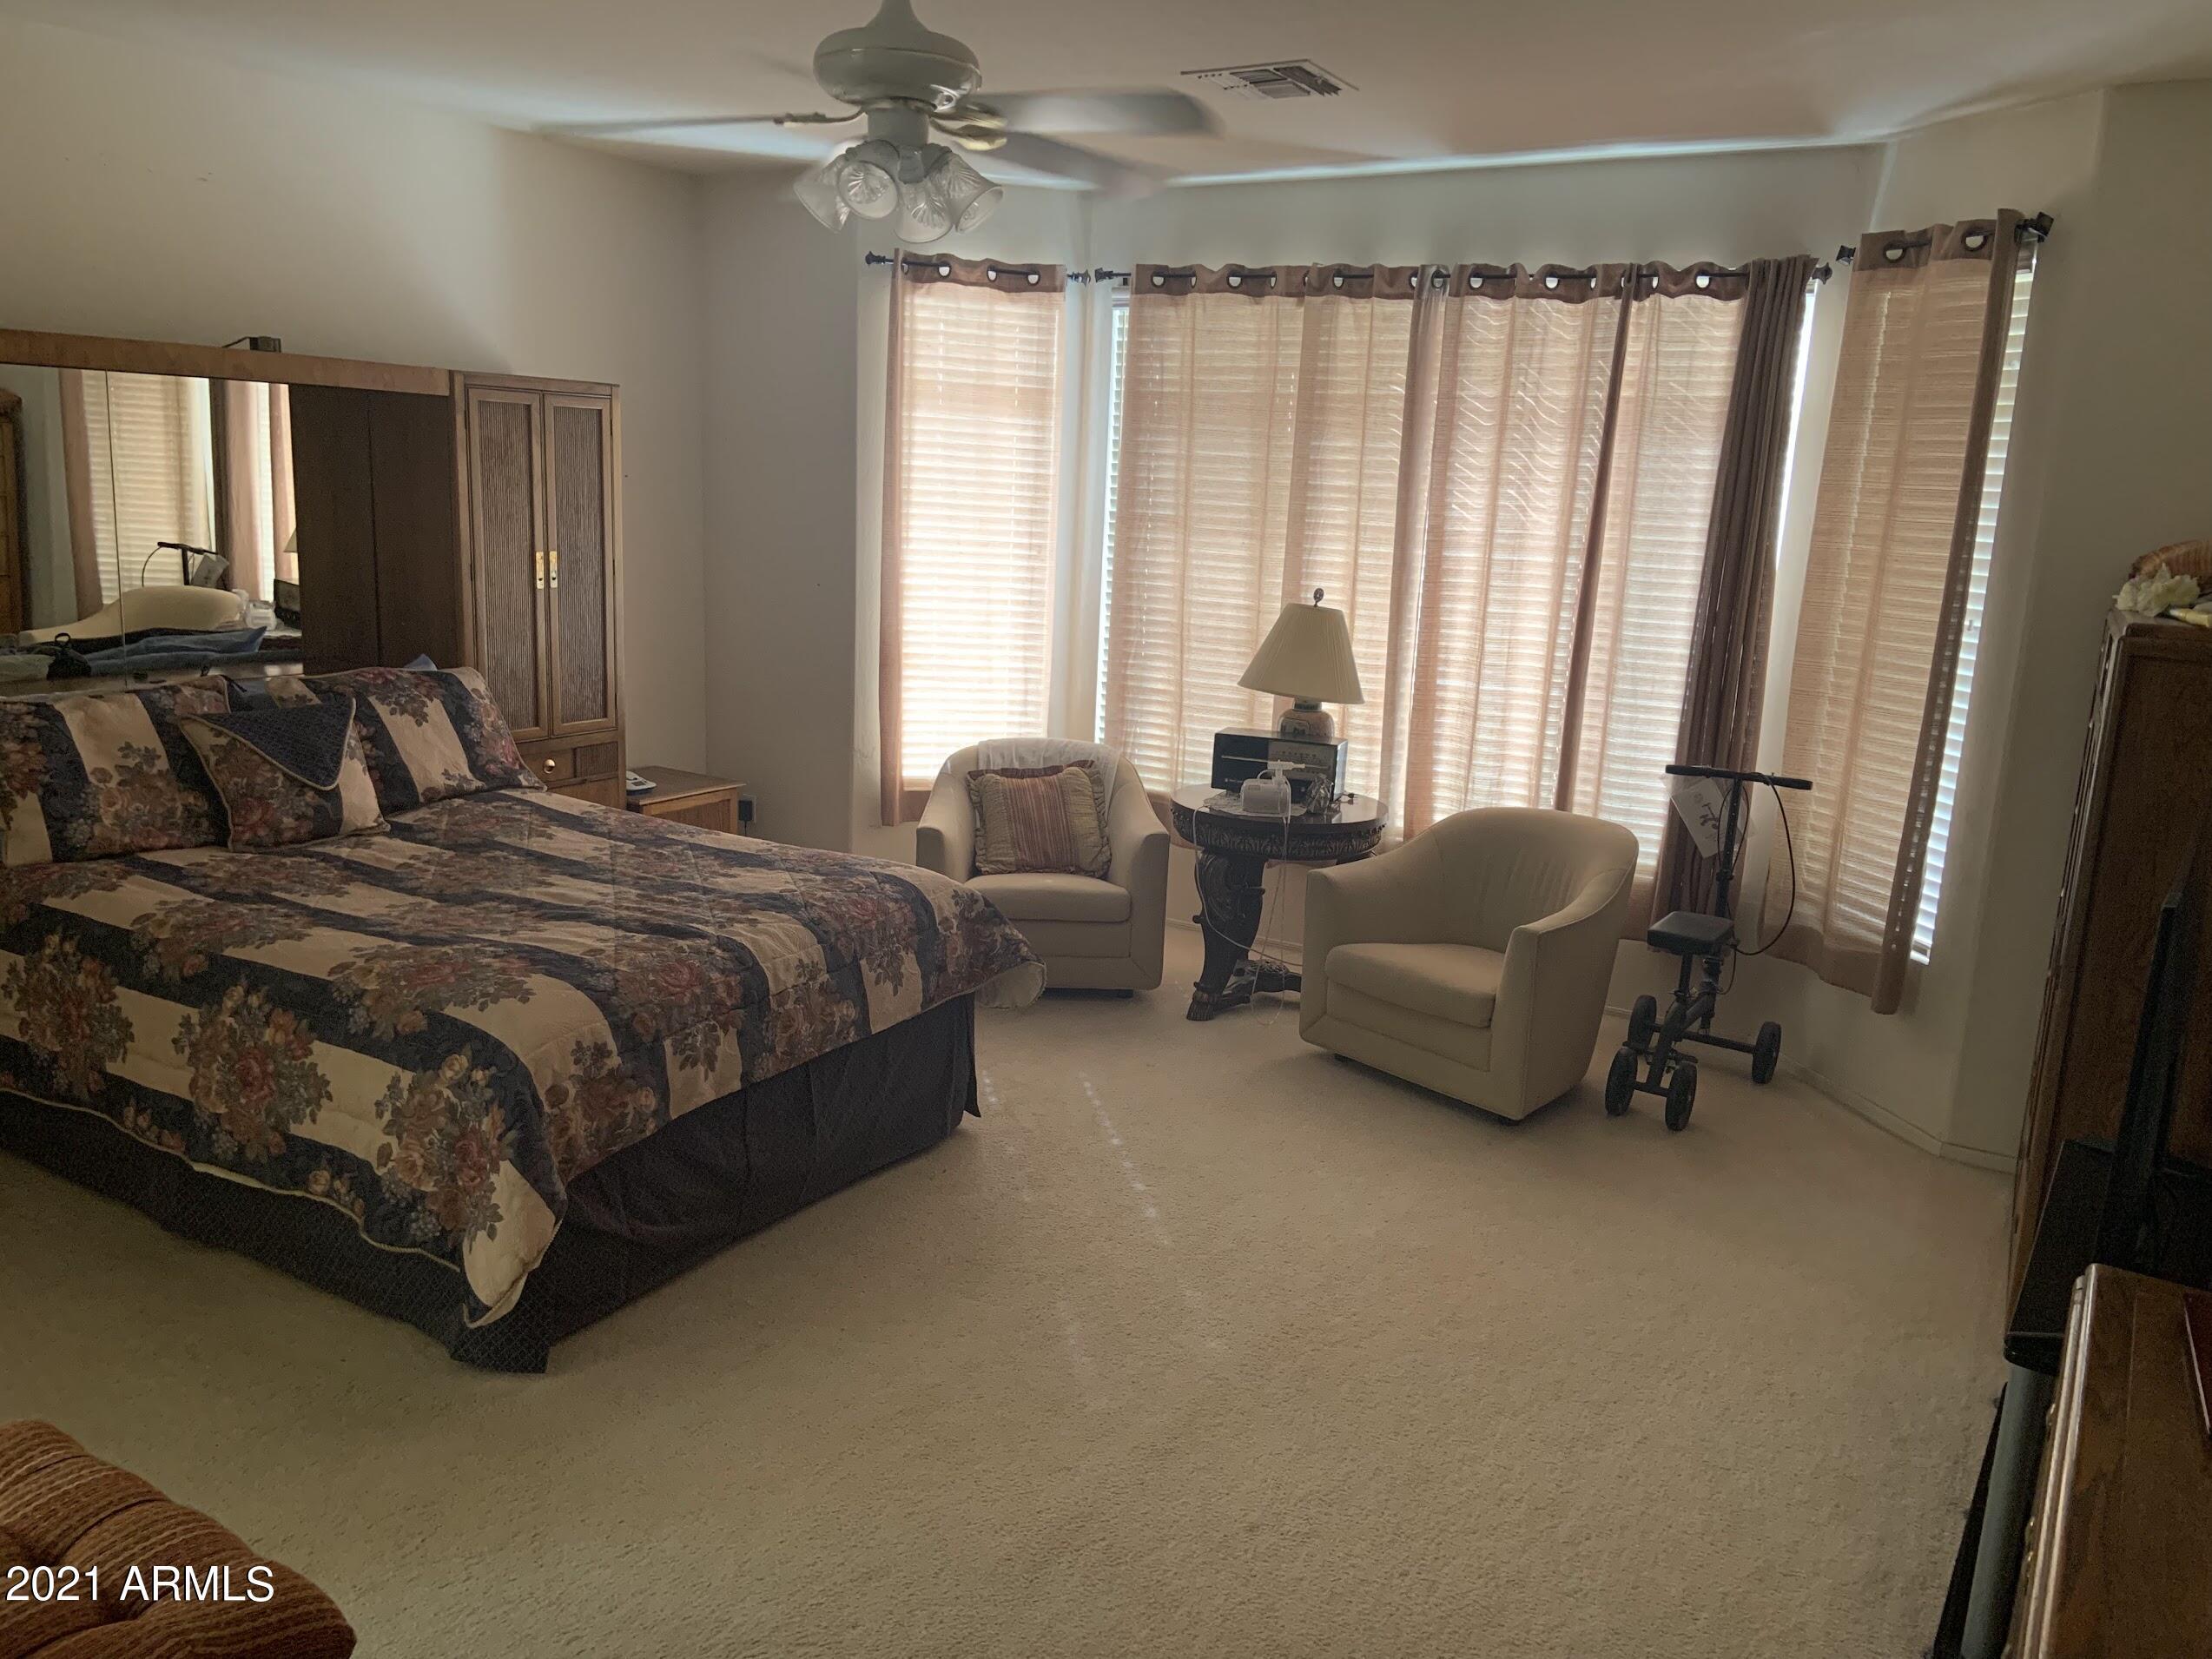 MLS 6310923 572 N Kimberlee Way, Chandler, AZ 85225 Chandler AZ Luxury